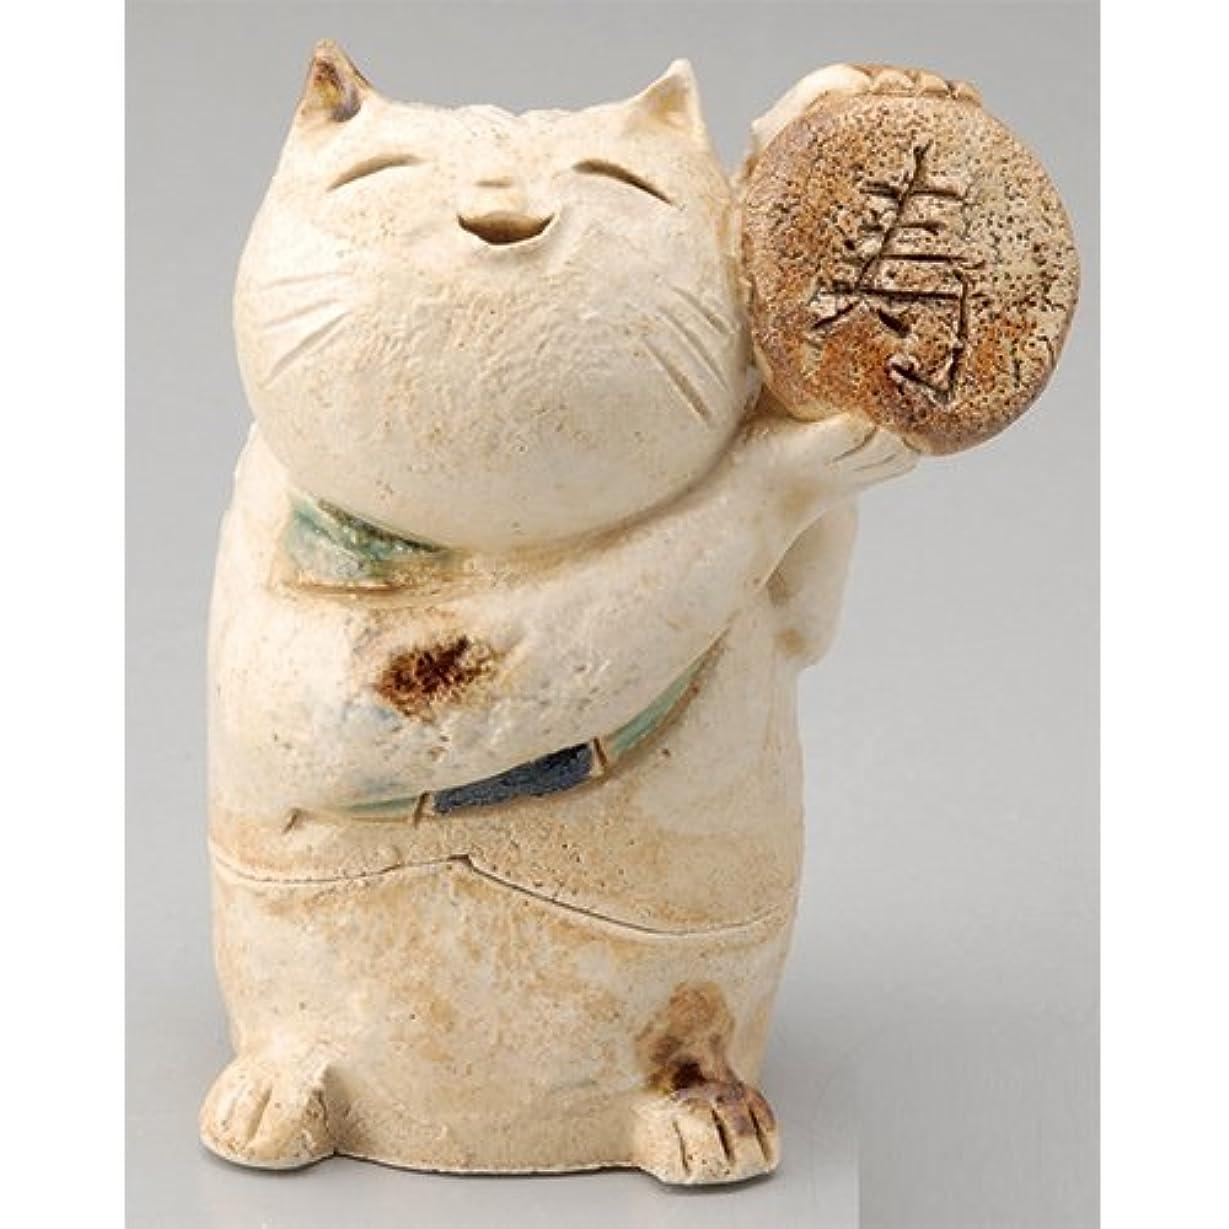 欠陥シャット呼吸する香炉 ごえん猫 香炉(寿) [H8cm] HANDMADE プレゼント ギフト 和食器 かわいい インテリア